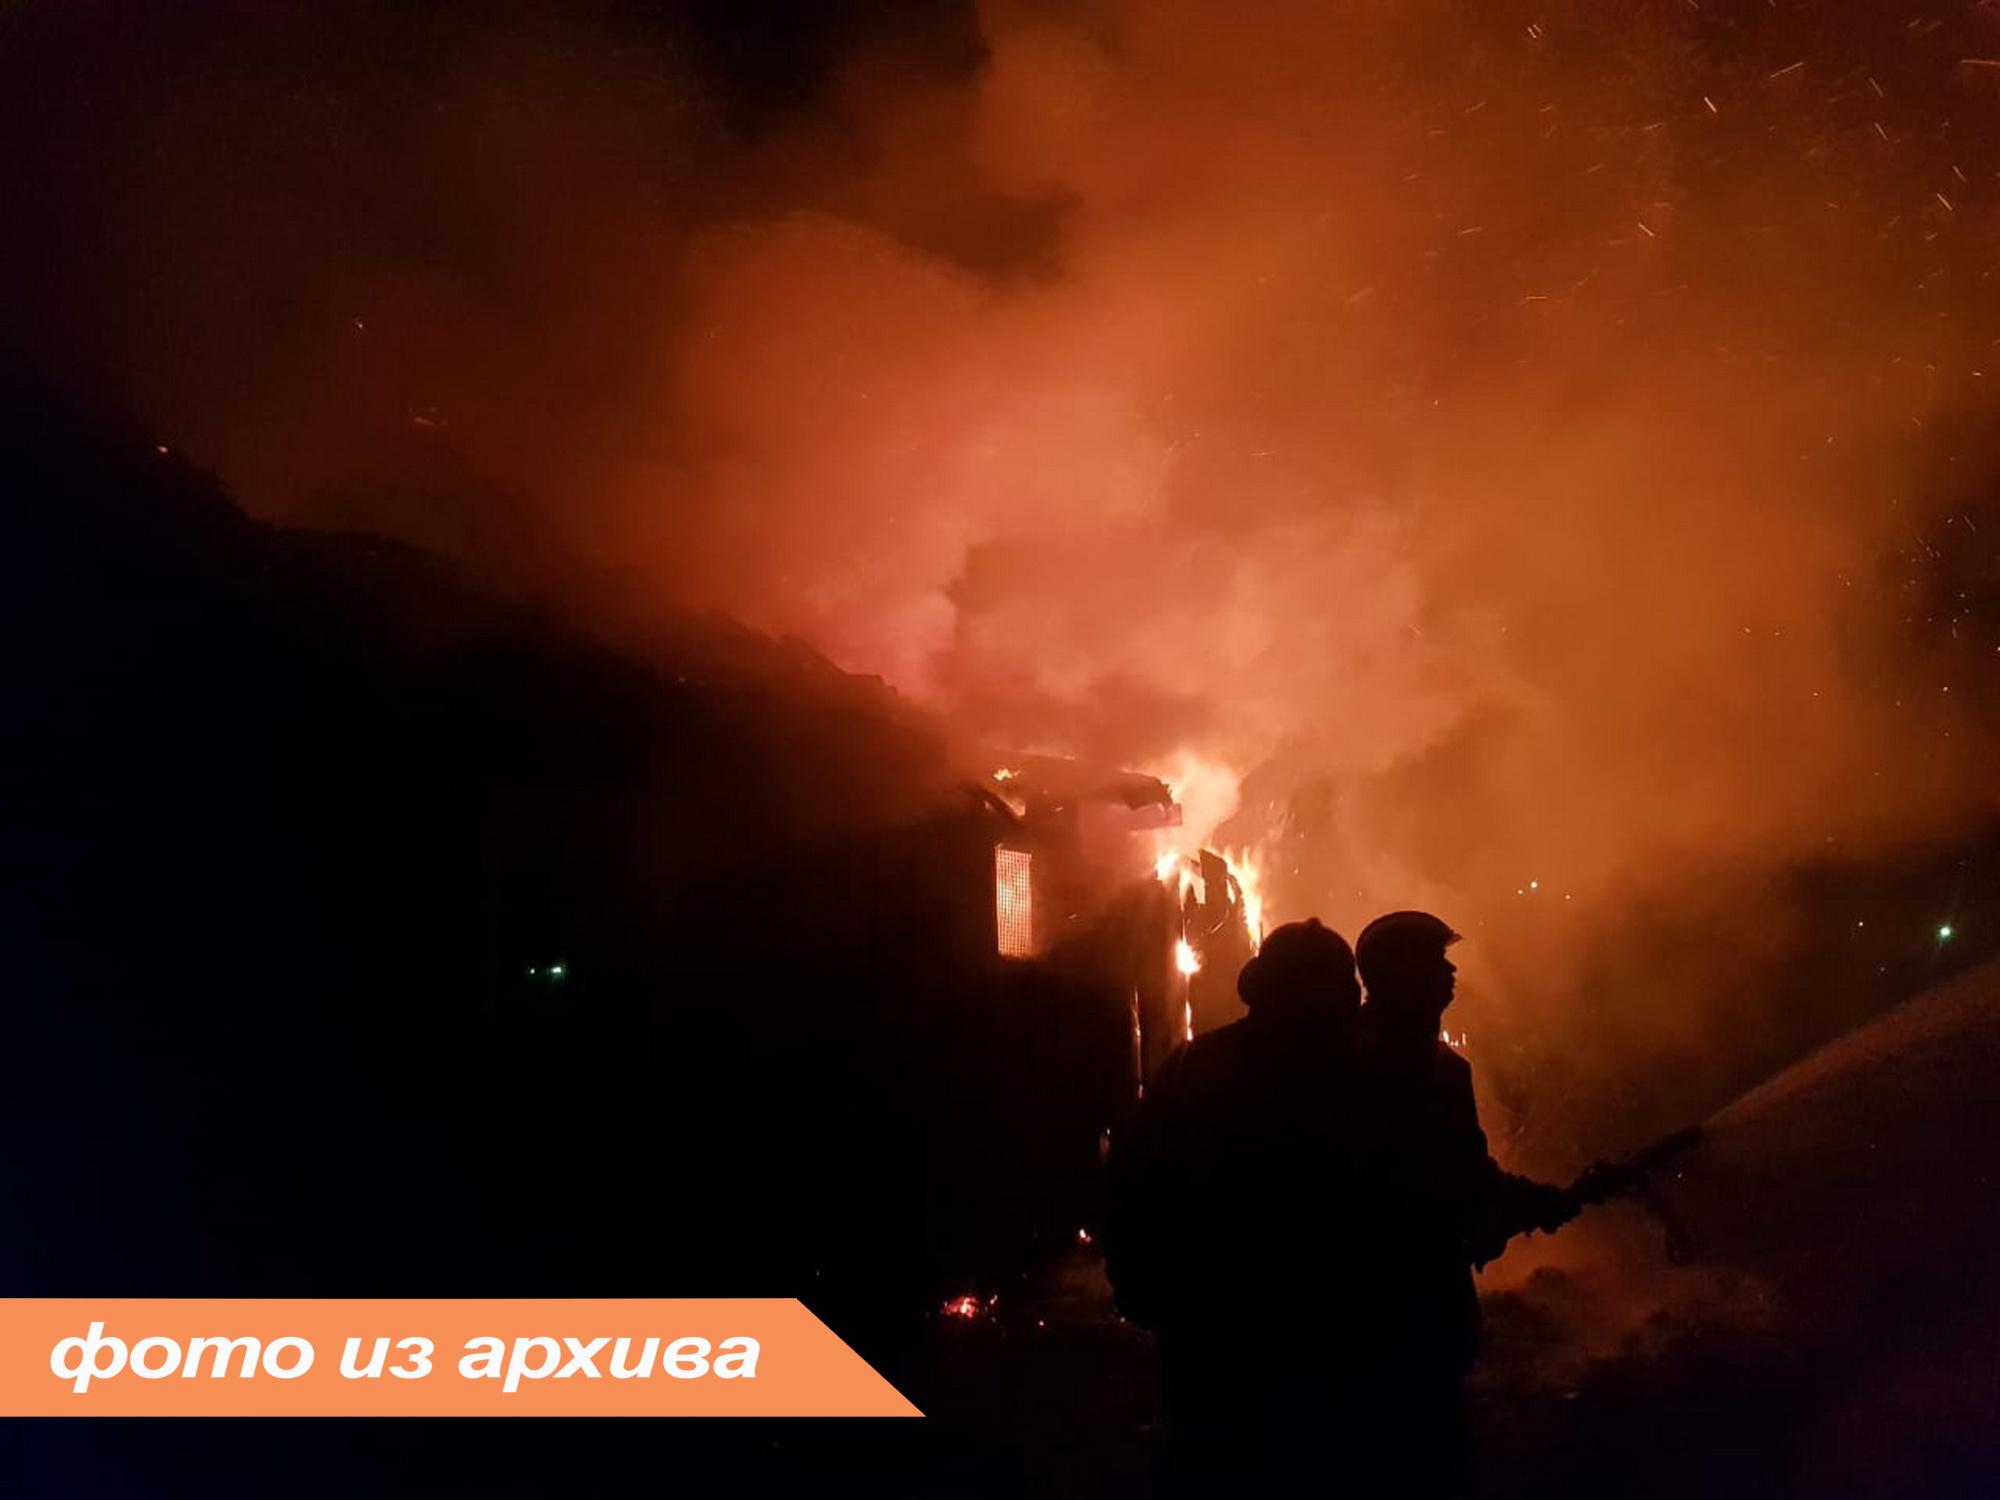 Пожарно-спасательные подразделения Ленинградской области ликвидировали пожар в Тосненском районе